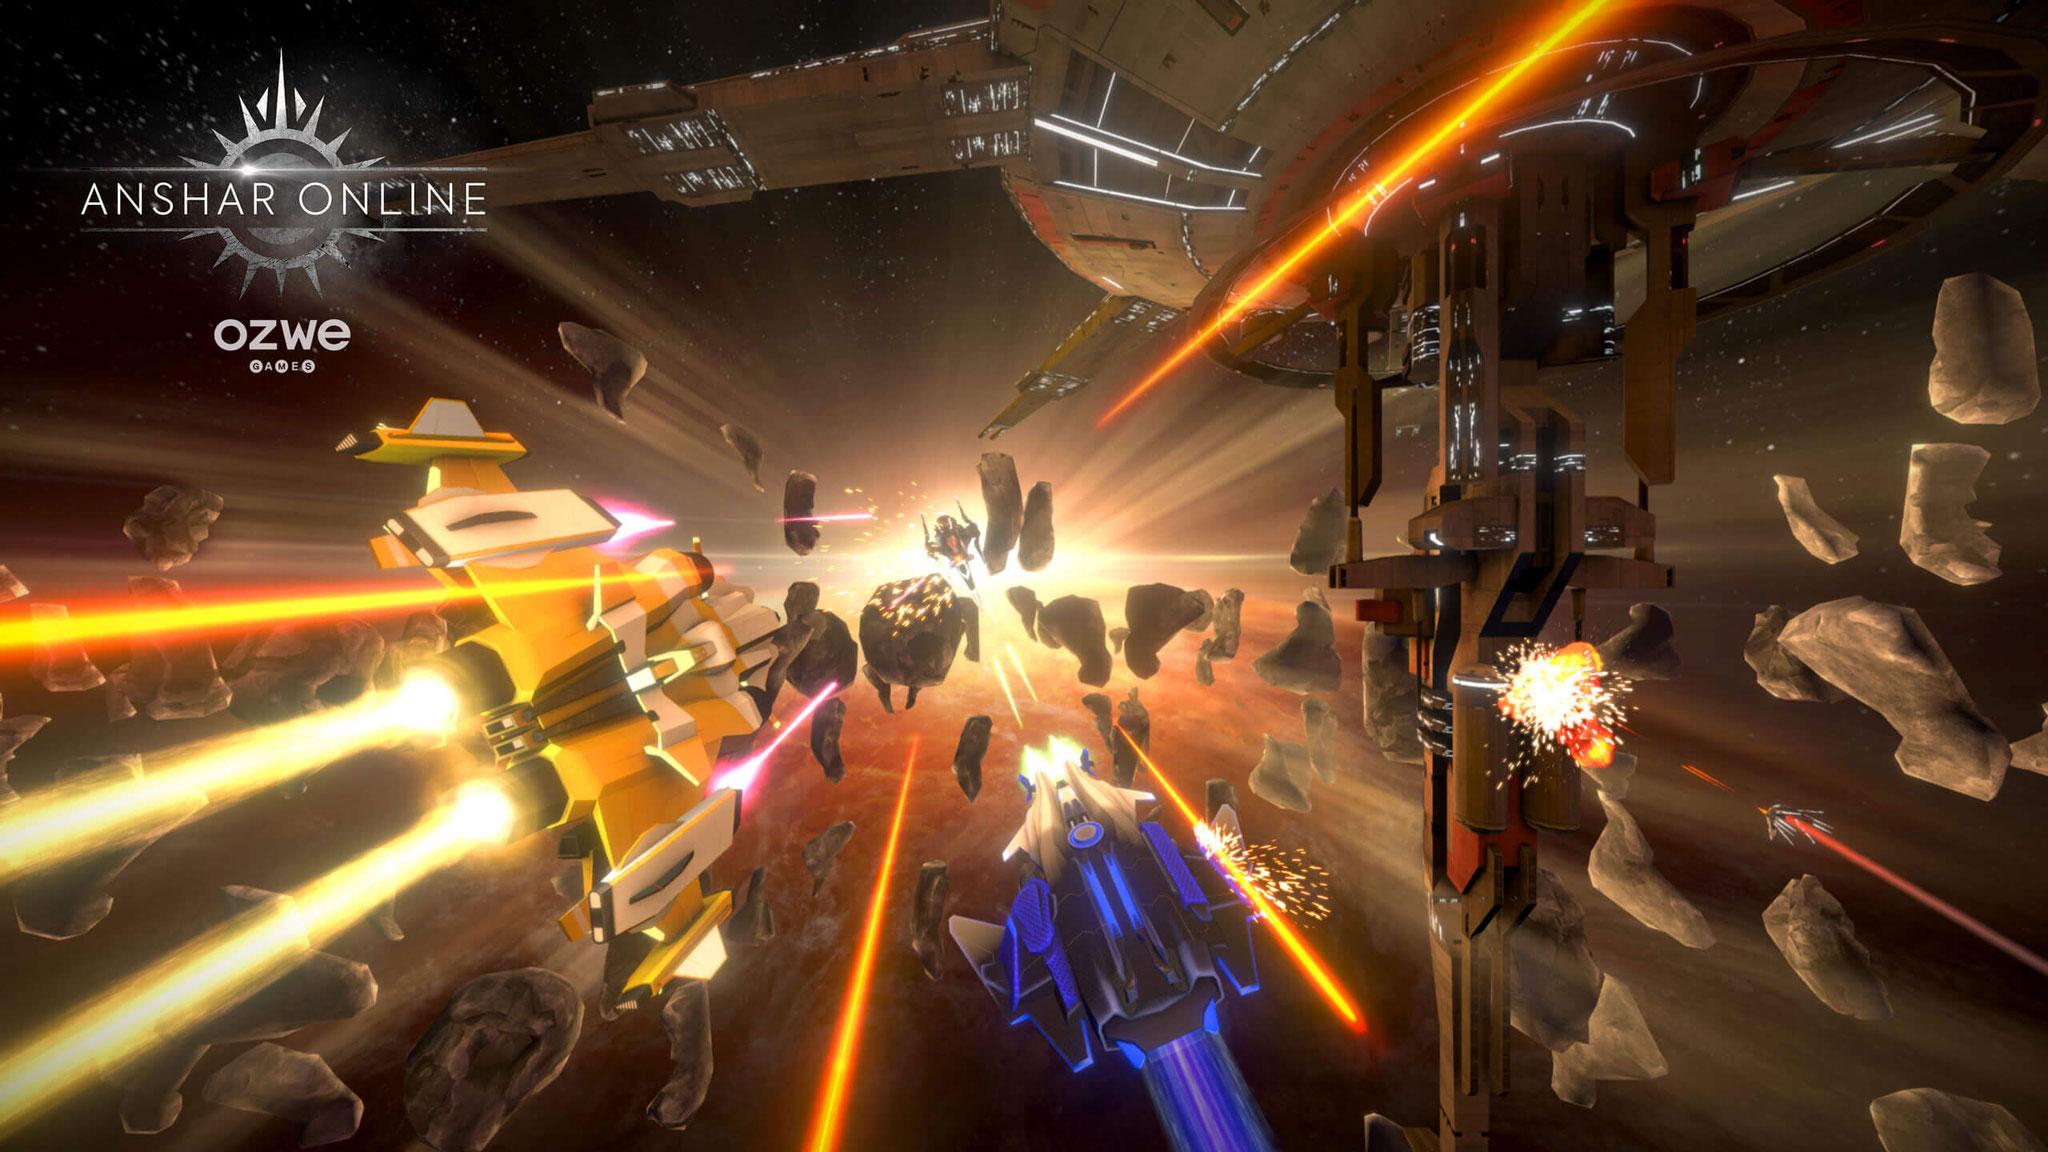 """Kein Headset ohne Effekt-geladenen Space-Shooter zum Start: """"Anshar Online"""" beamt """"Go""""-Piloten in ein vernetztes Action-Universum, in dem sie sich mit anderen Spielern duellieren."""